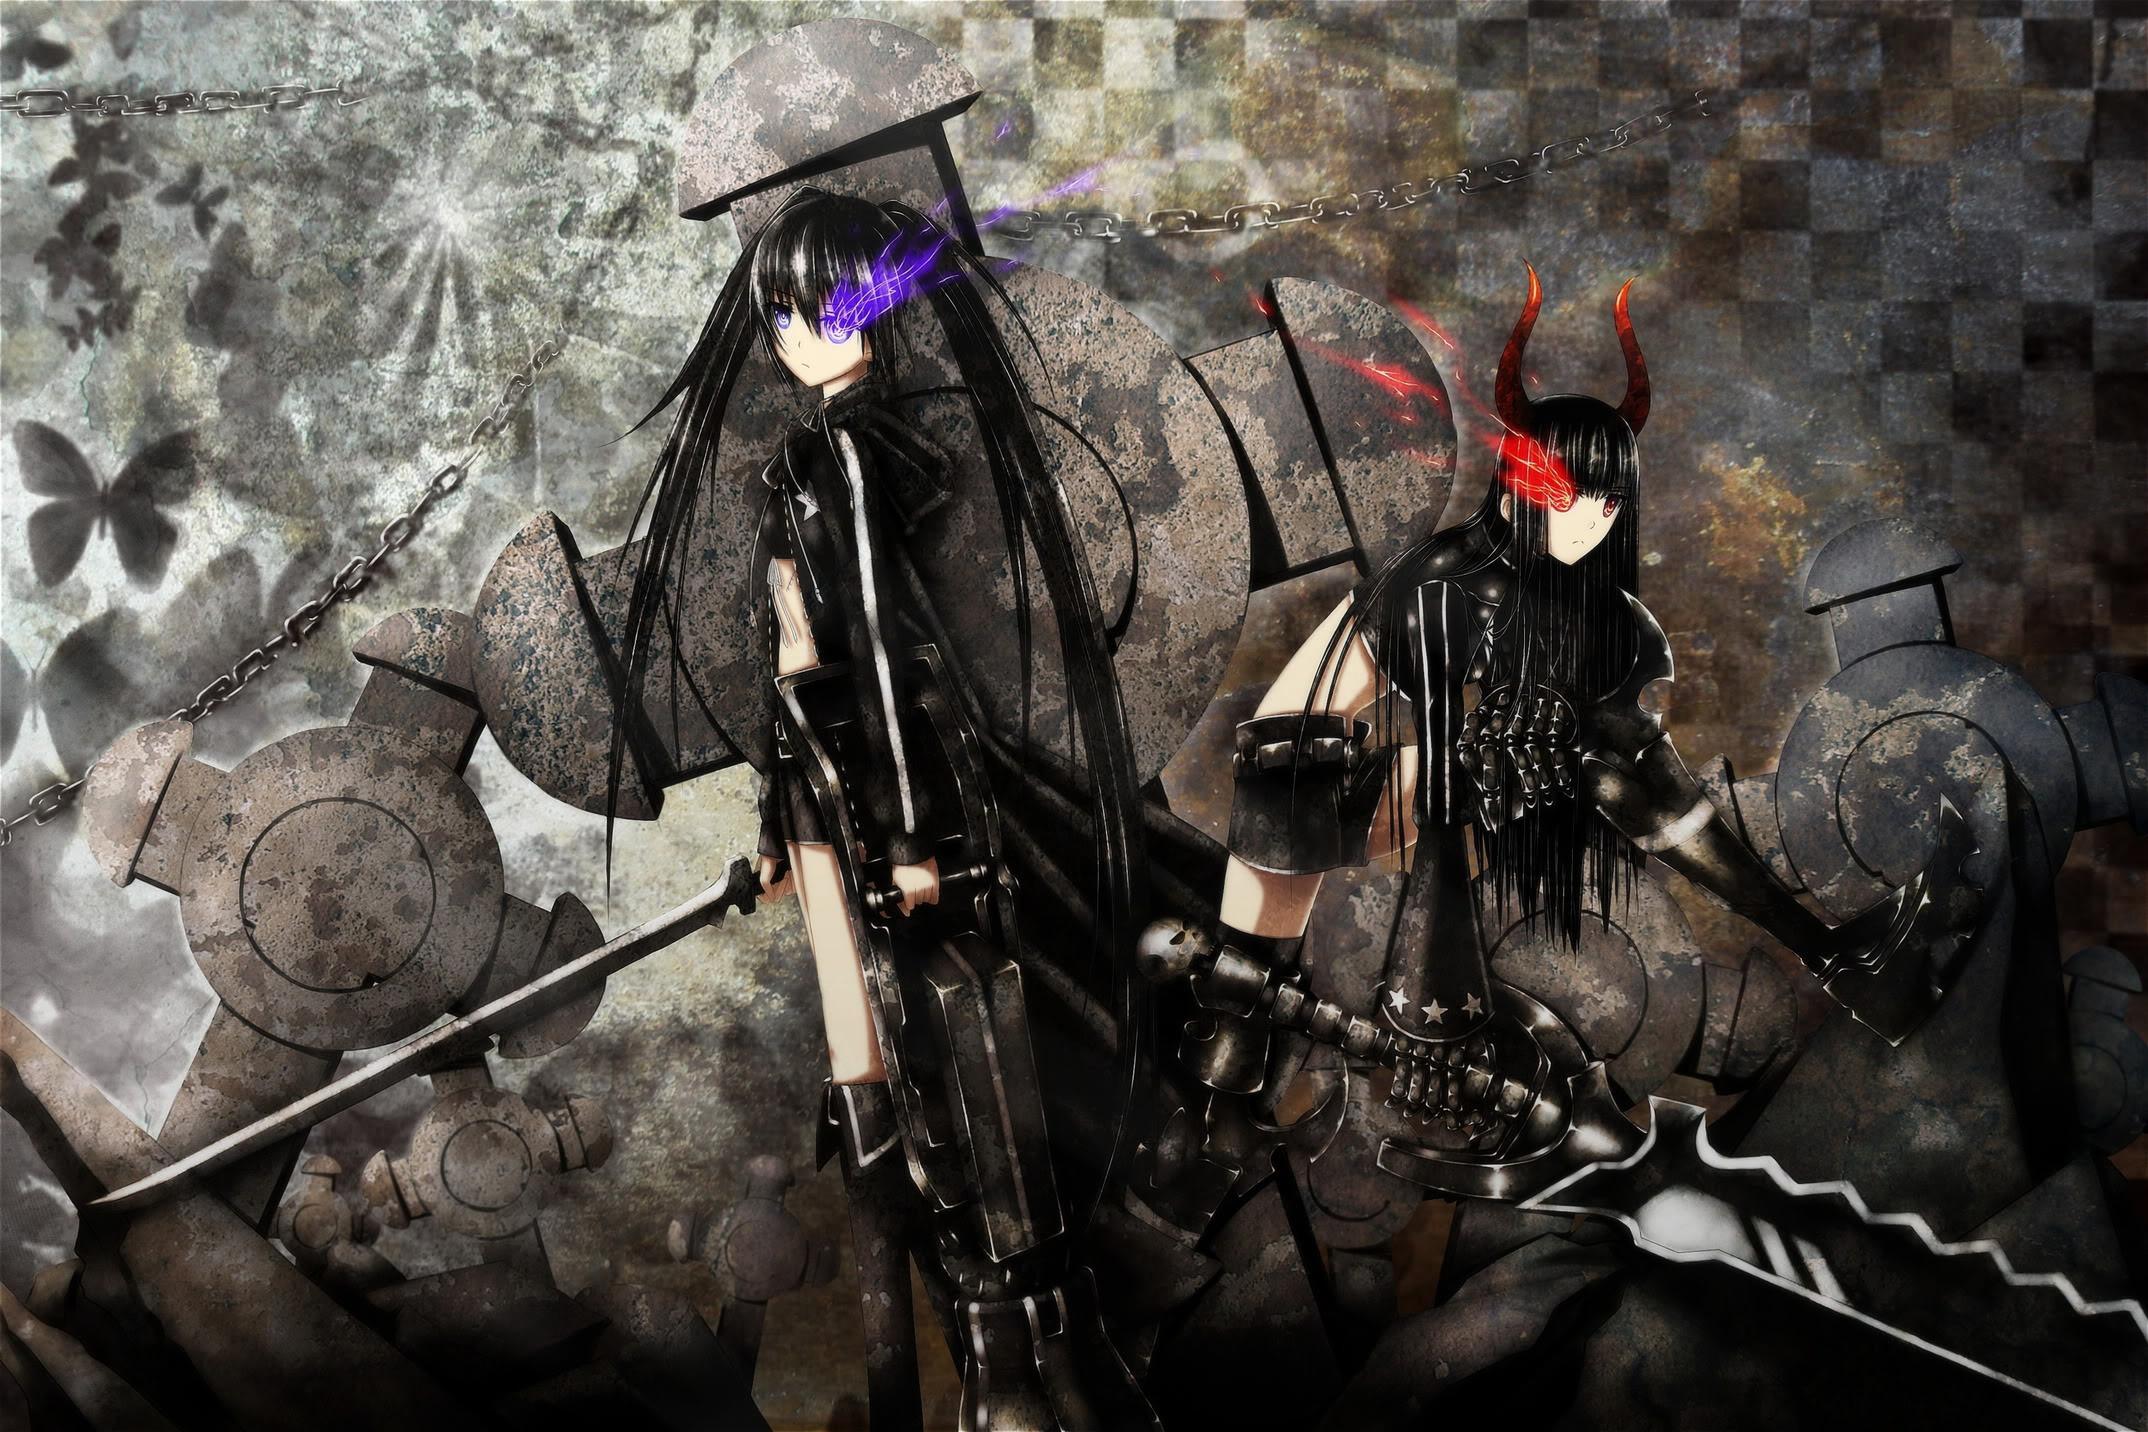 Badass anime wallpaper 65 images - Badass backgrounds ...